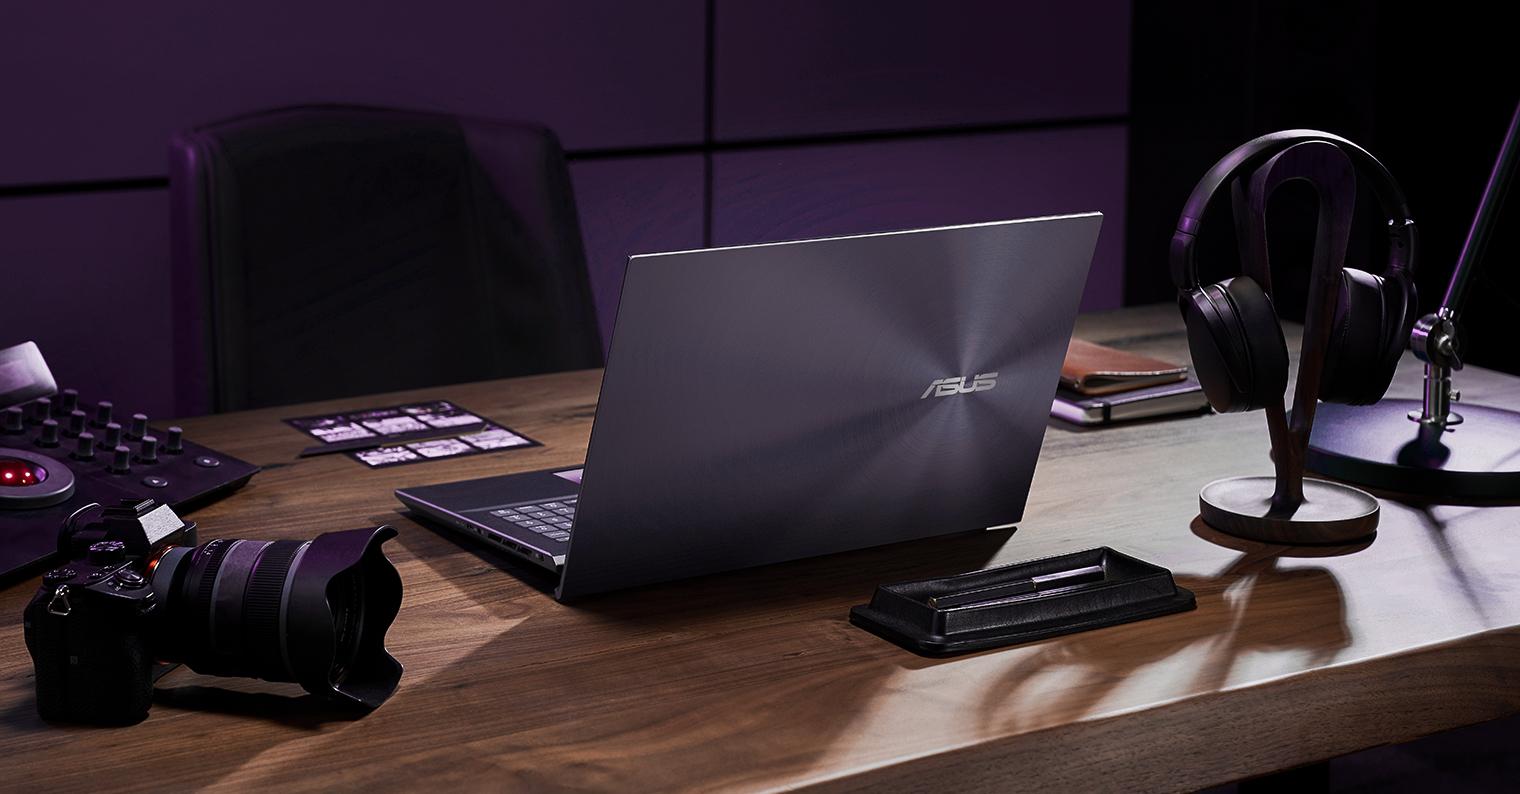 5 důvodů, proč si koupit ASUS notebook s OLED displejem [sponzorovaný článek]